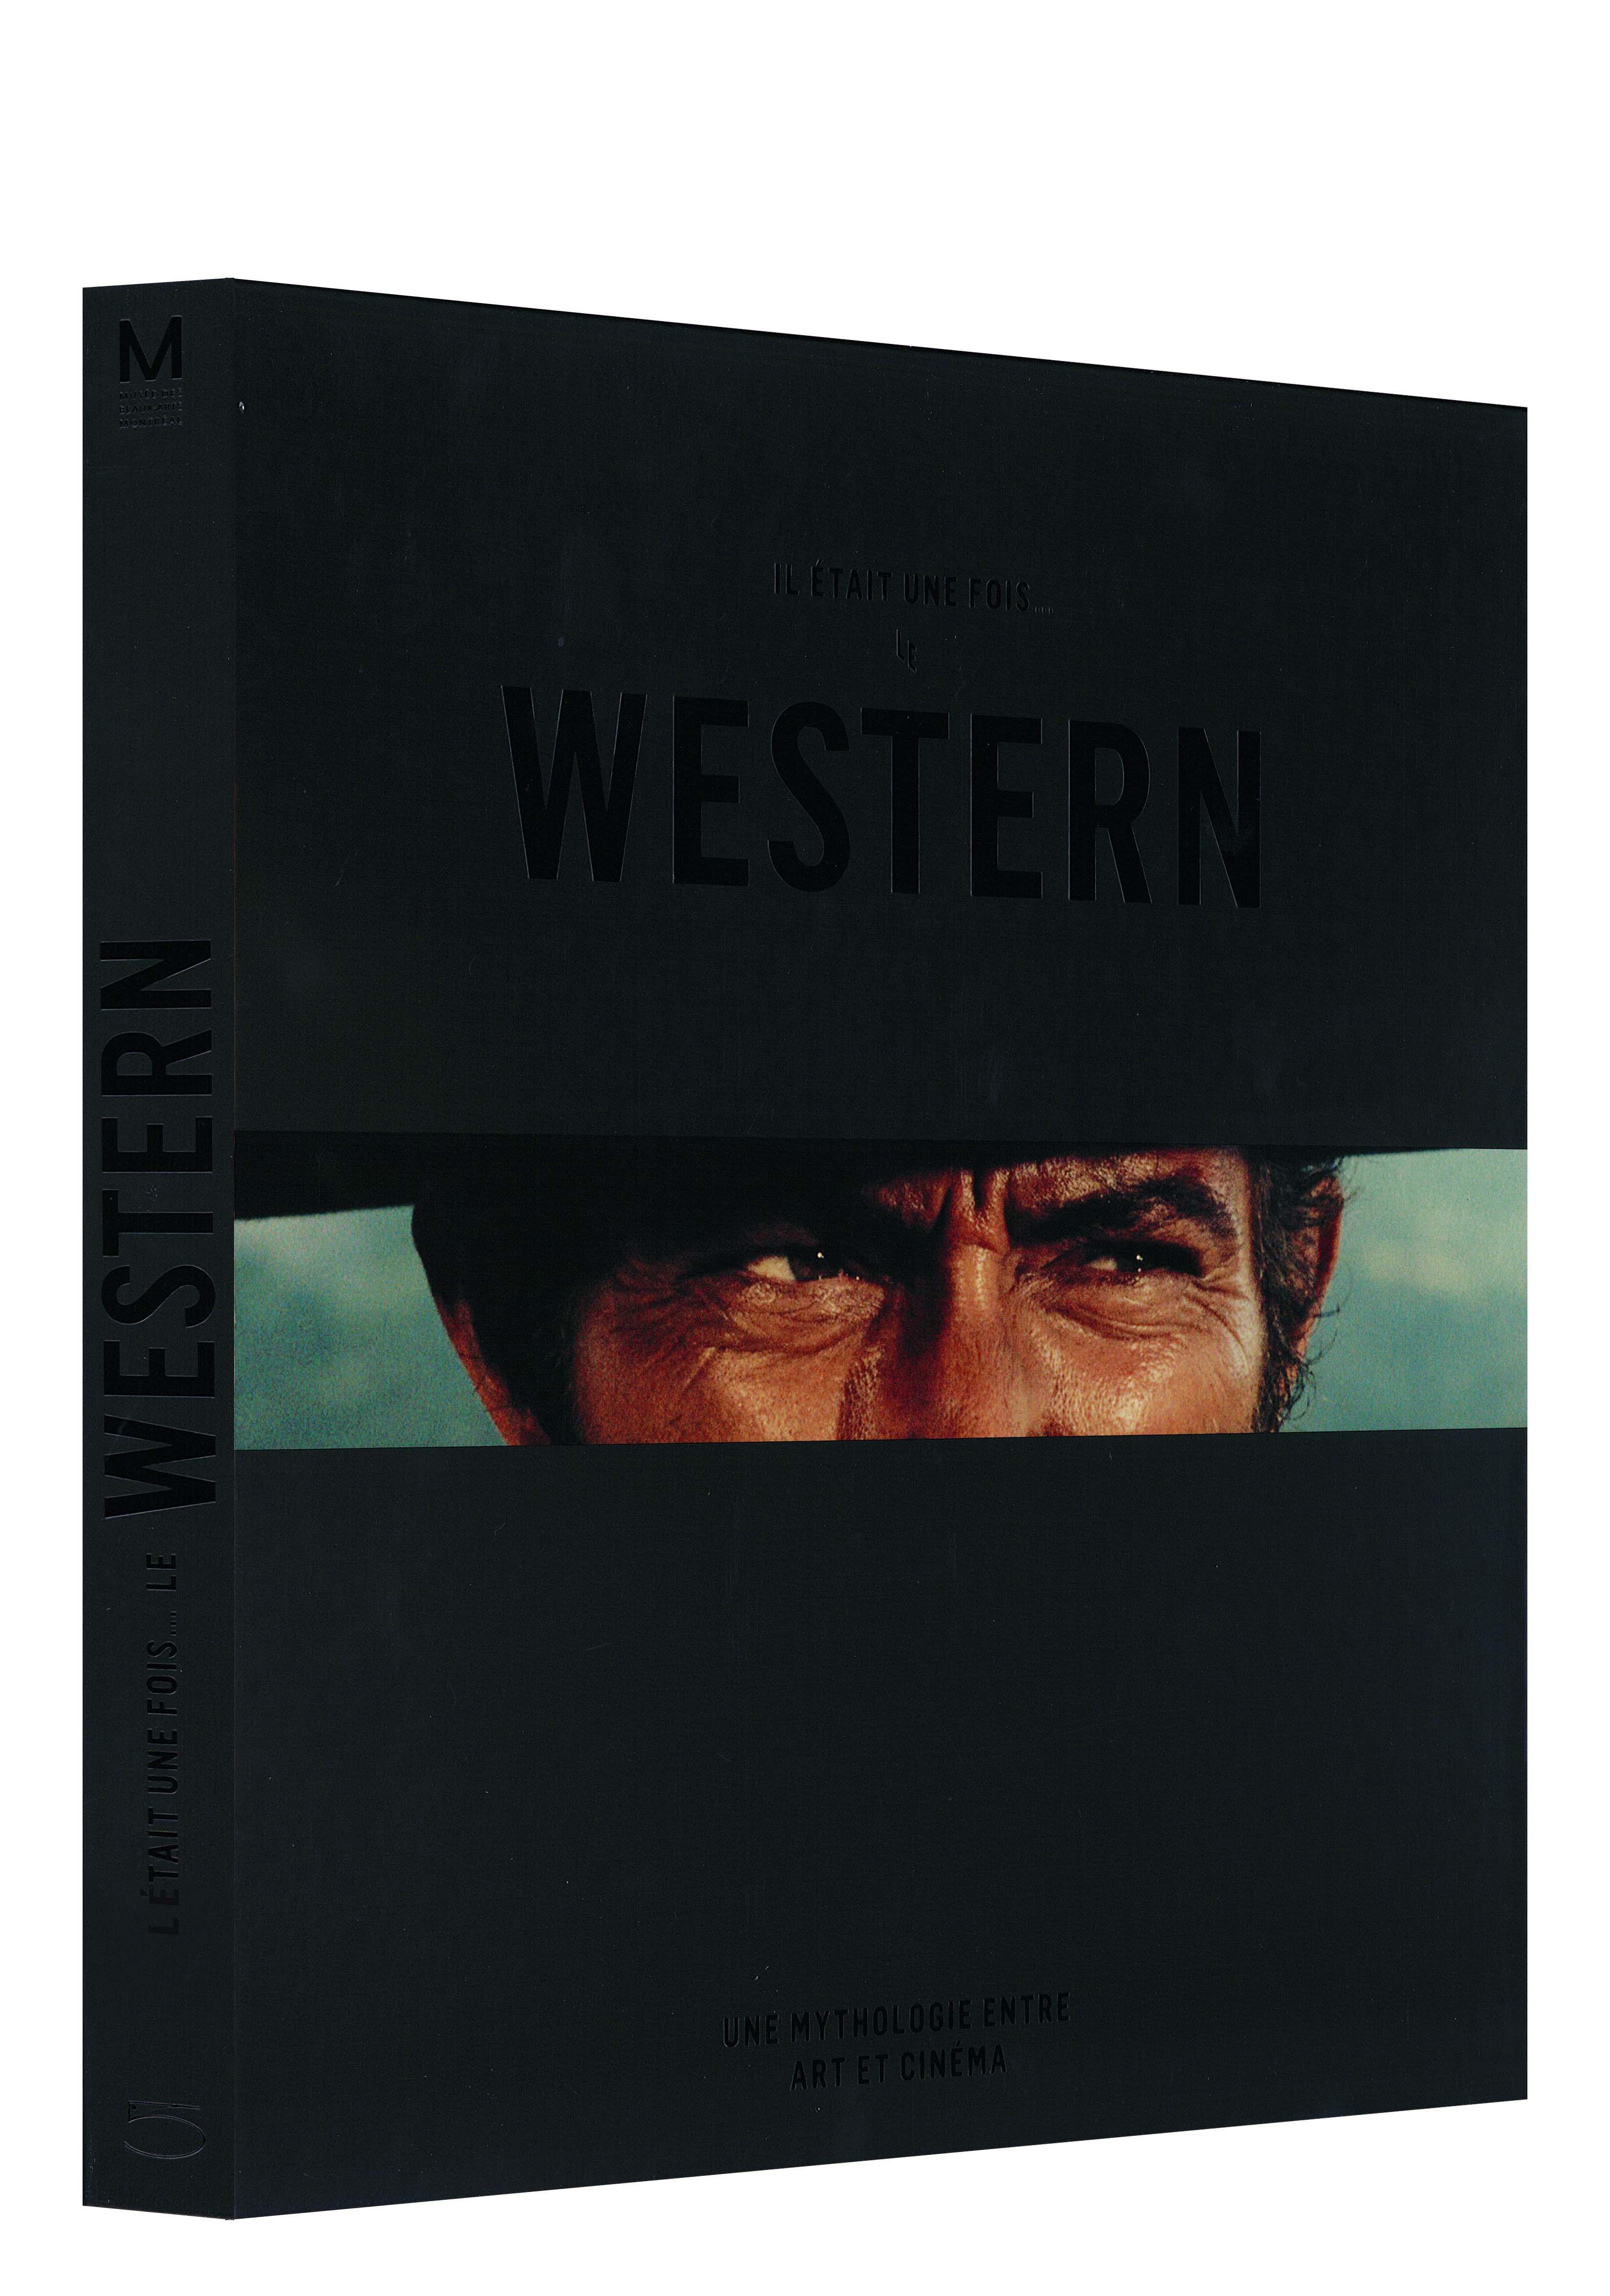 Il était une fois ... le Western